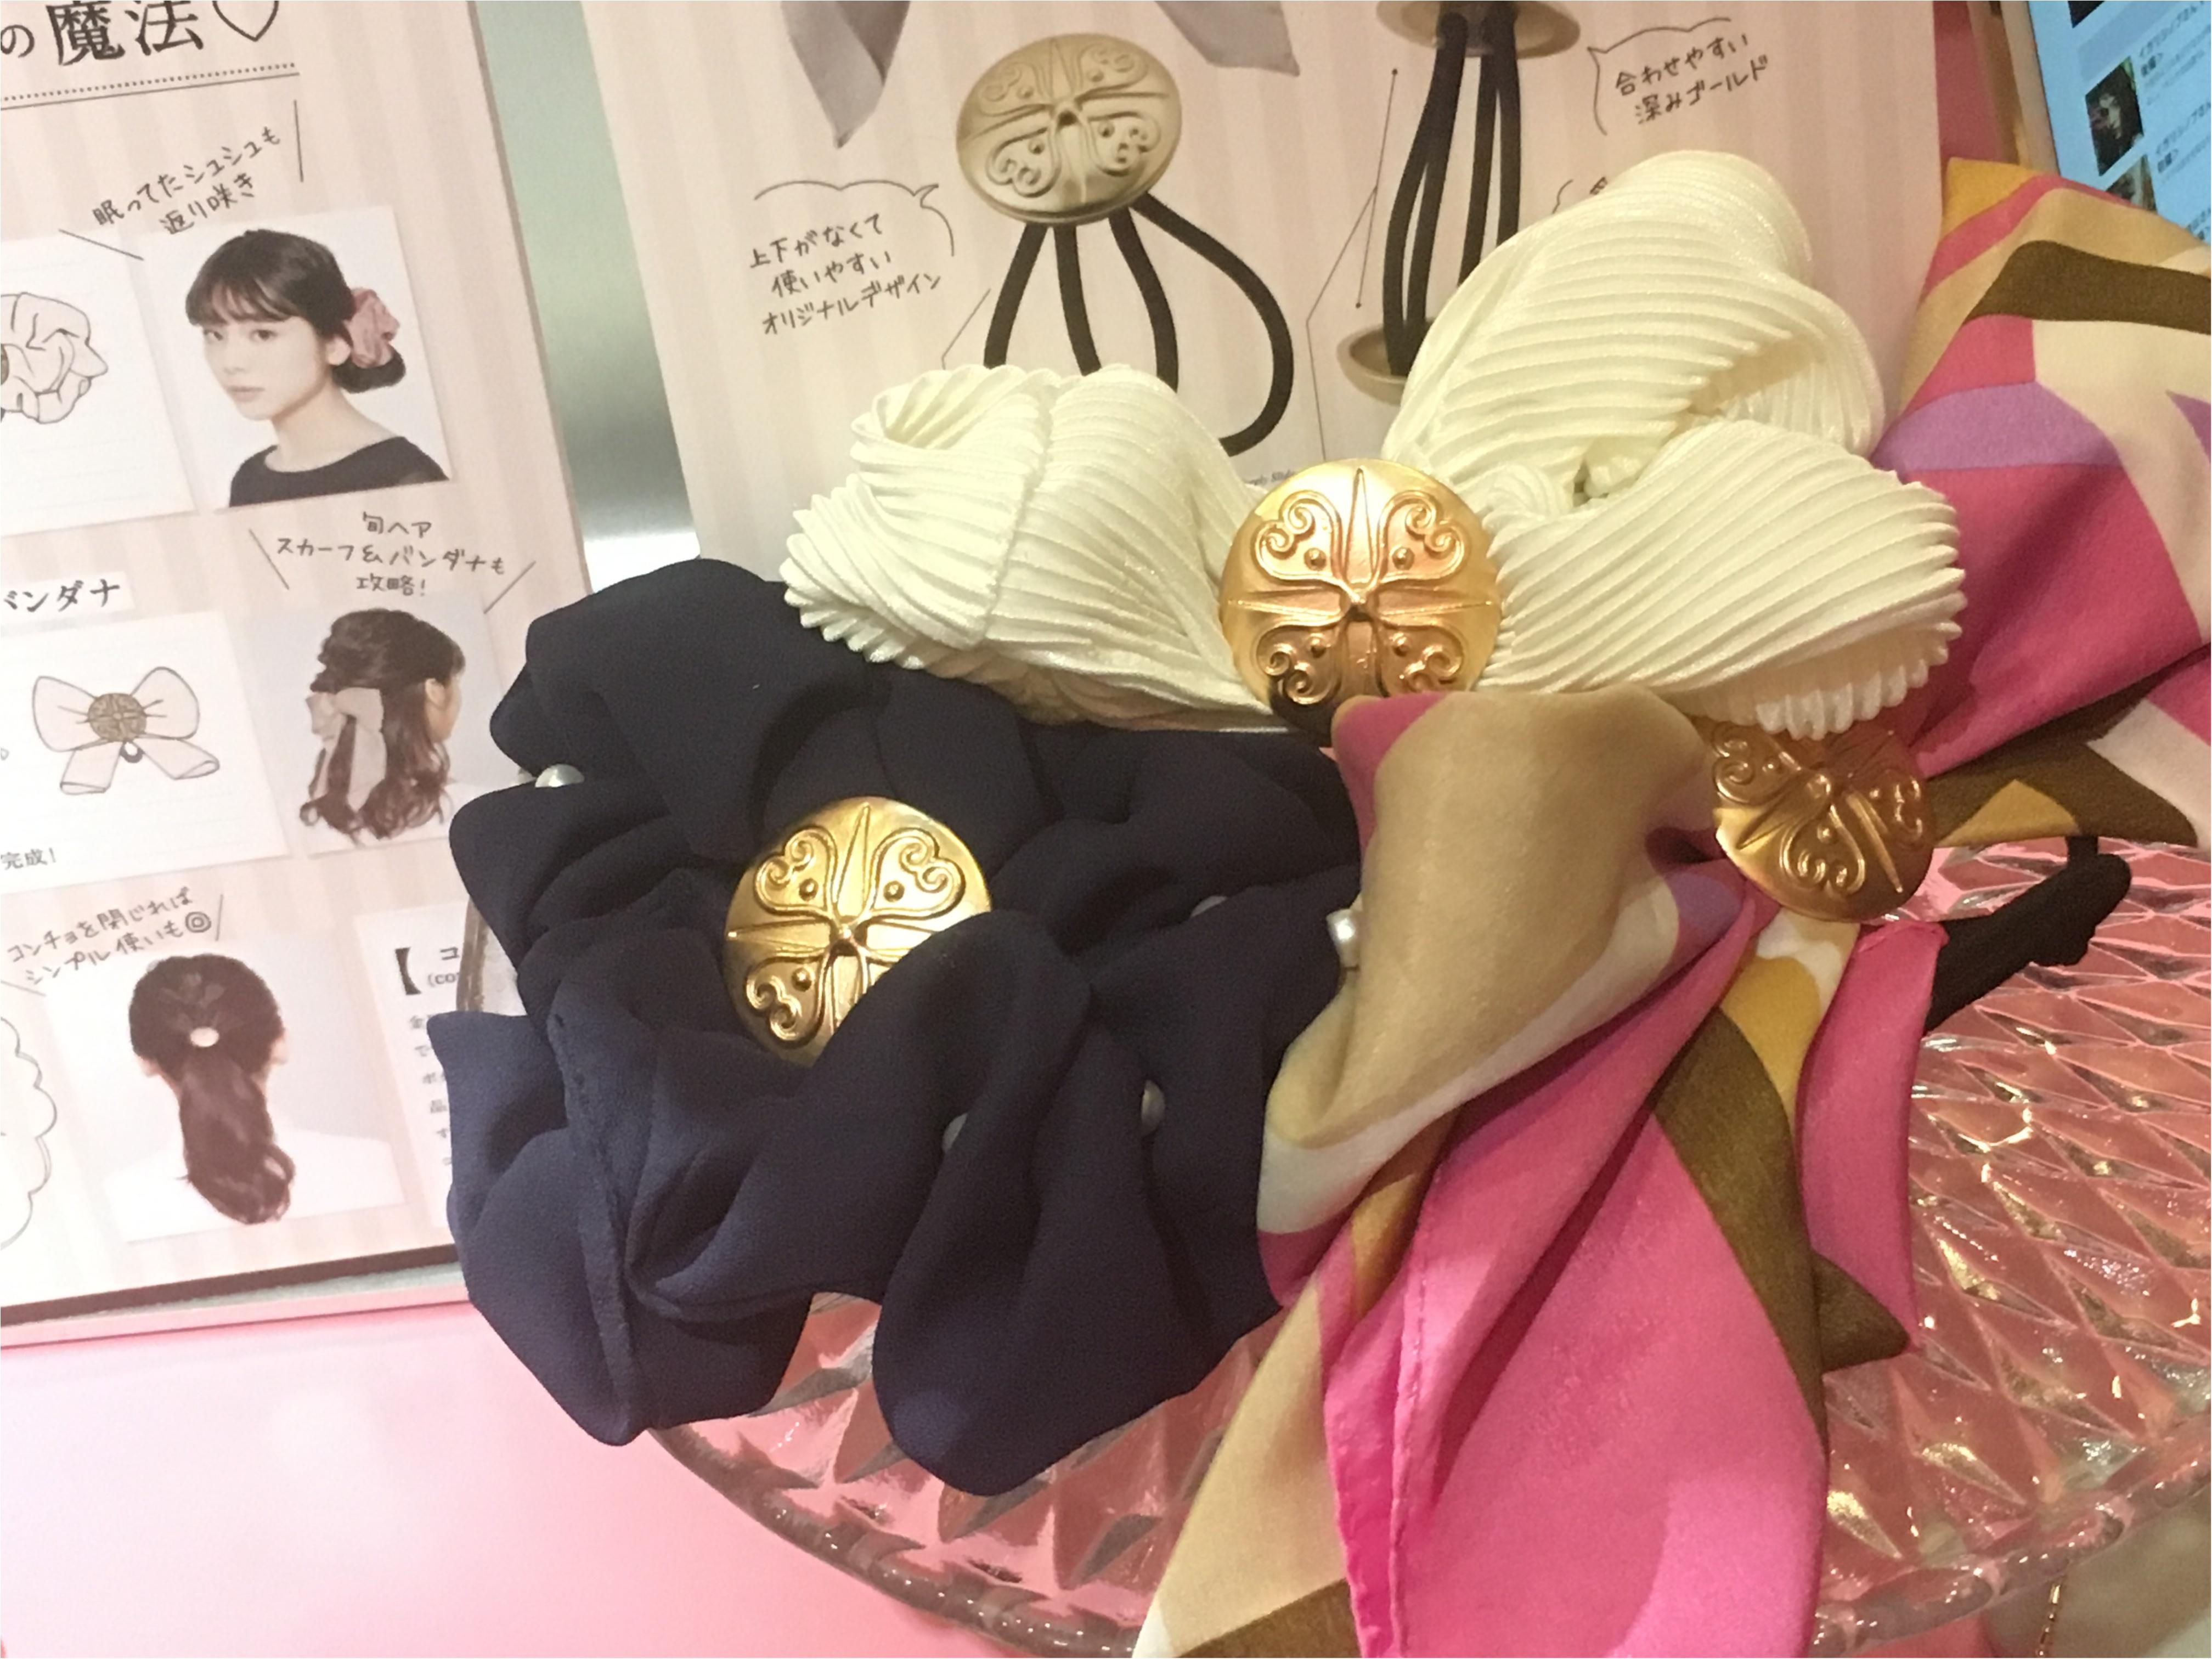 『貝印』シークレットイベント「KAI BEAUTY PARTY」にライターゆうりが潜入! そこは桜舞うスペシャルな空間♡_6